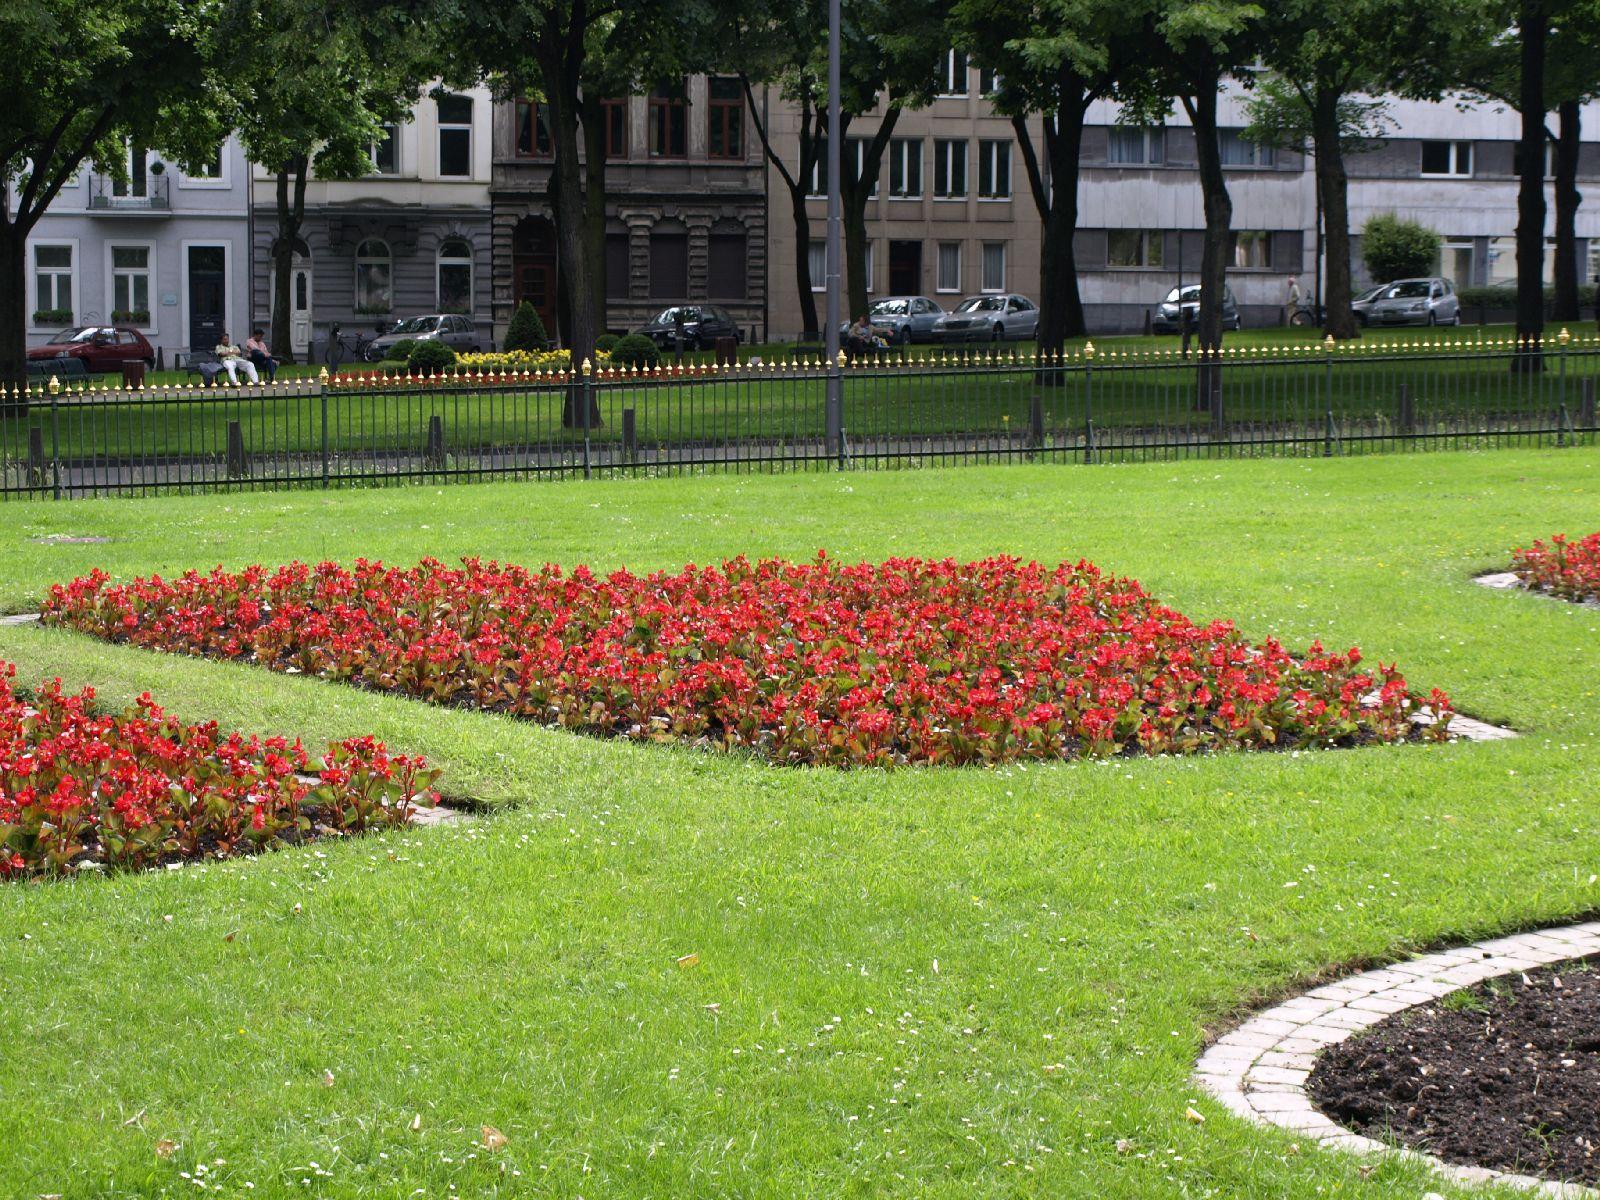 Pflanzen-Blumen-Foto_Textur_B_P6153499